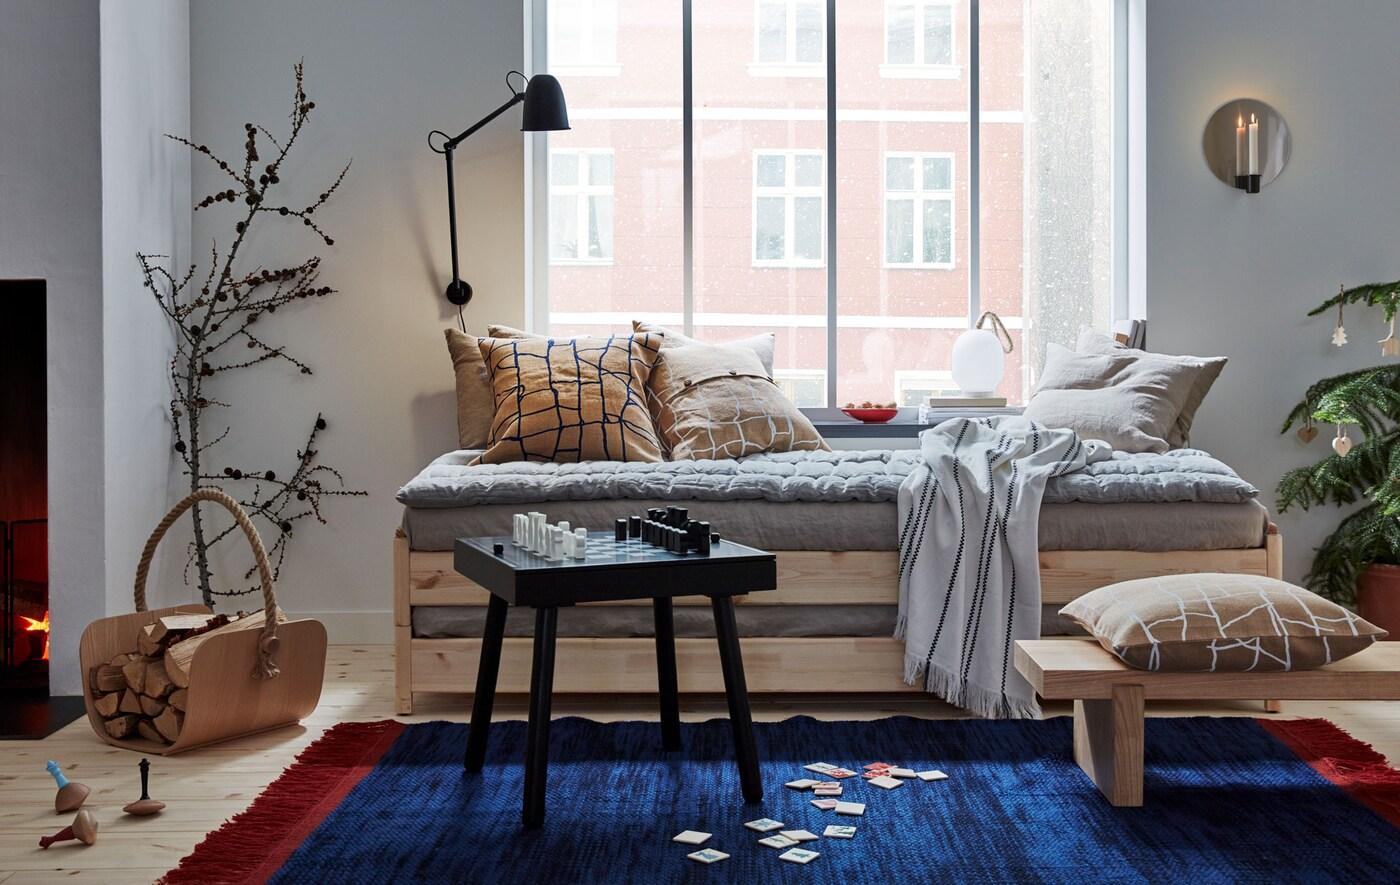 غرفة جلوس في شقة قليلة الأثاث مع سرير قابل للتكديس أسفل نافذة ووسائد ومنسوجات وطاولتي قهوة وسجادة كبيرة.